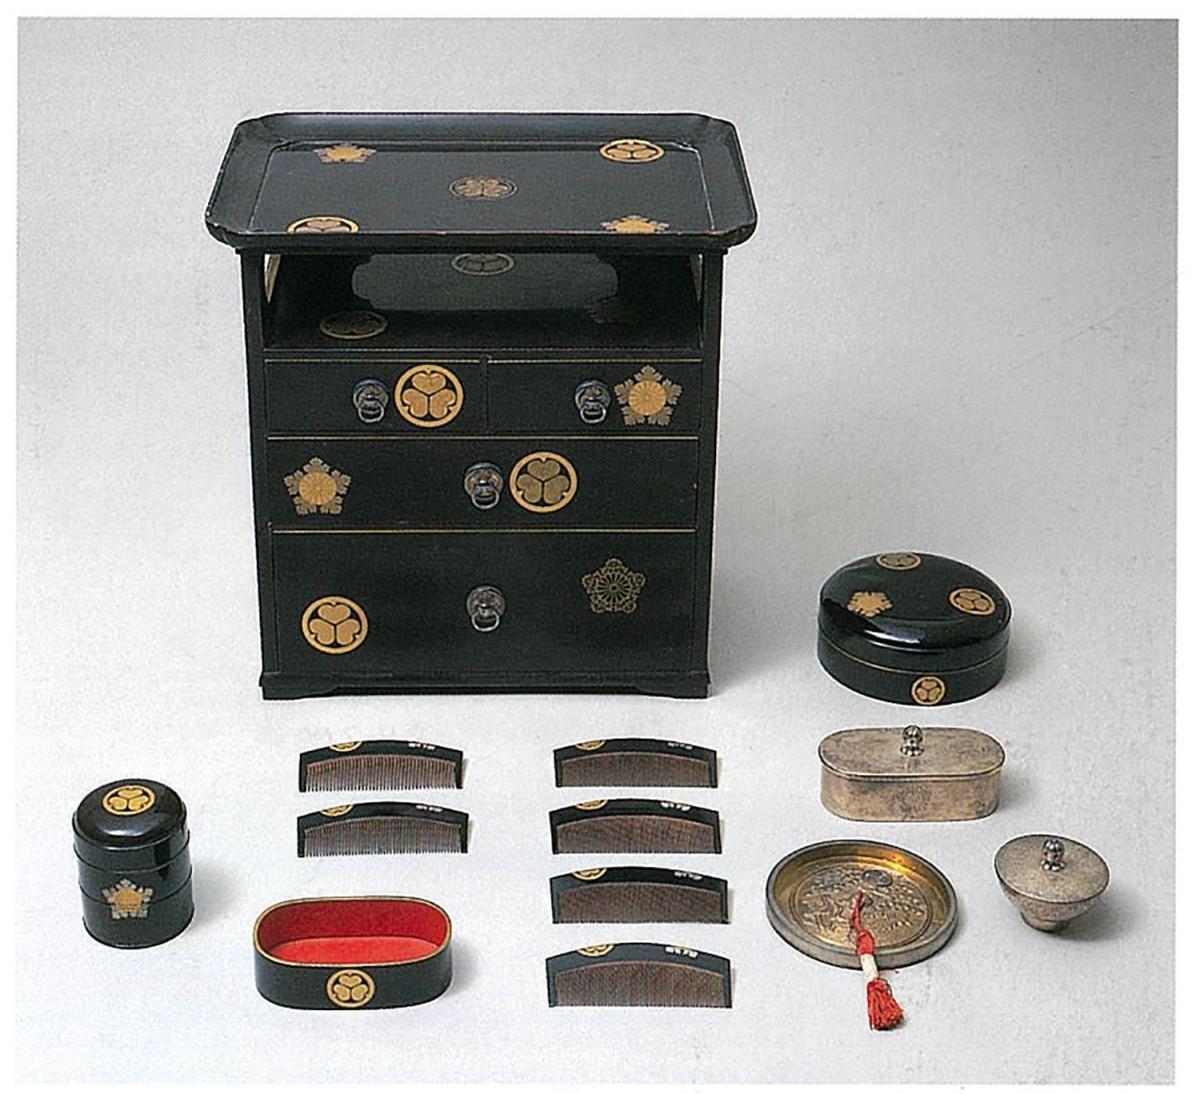 和宮婚礼道具「櫛台」(徳川記念財団蔵)